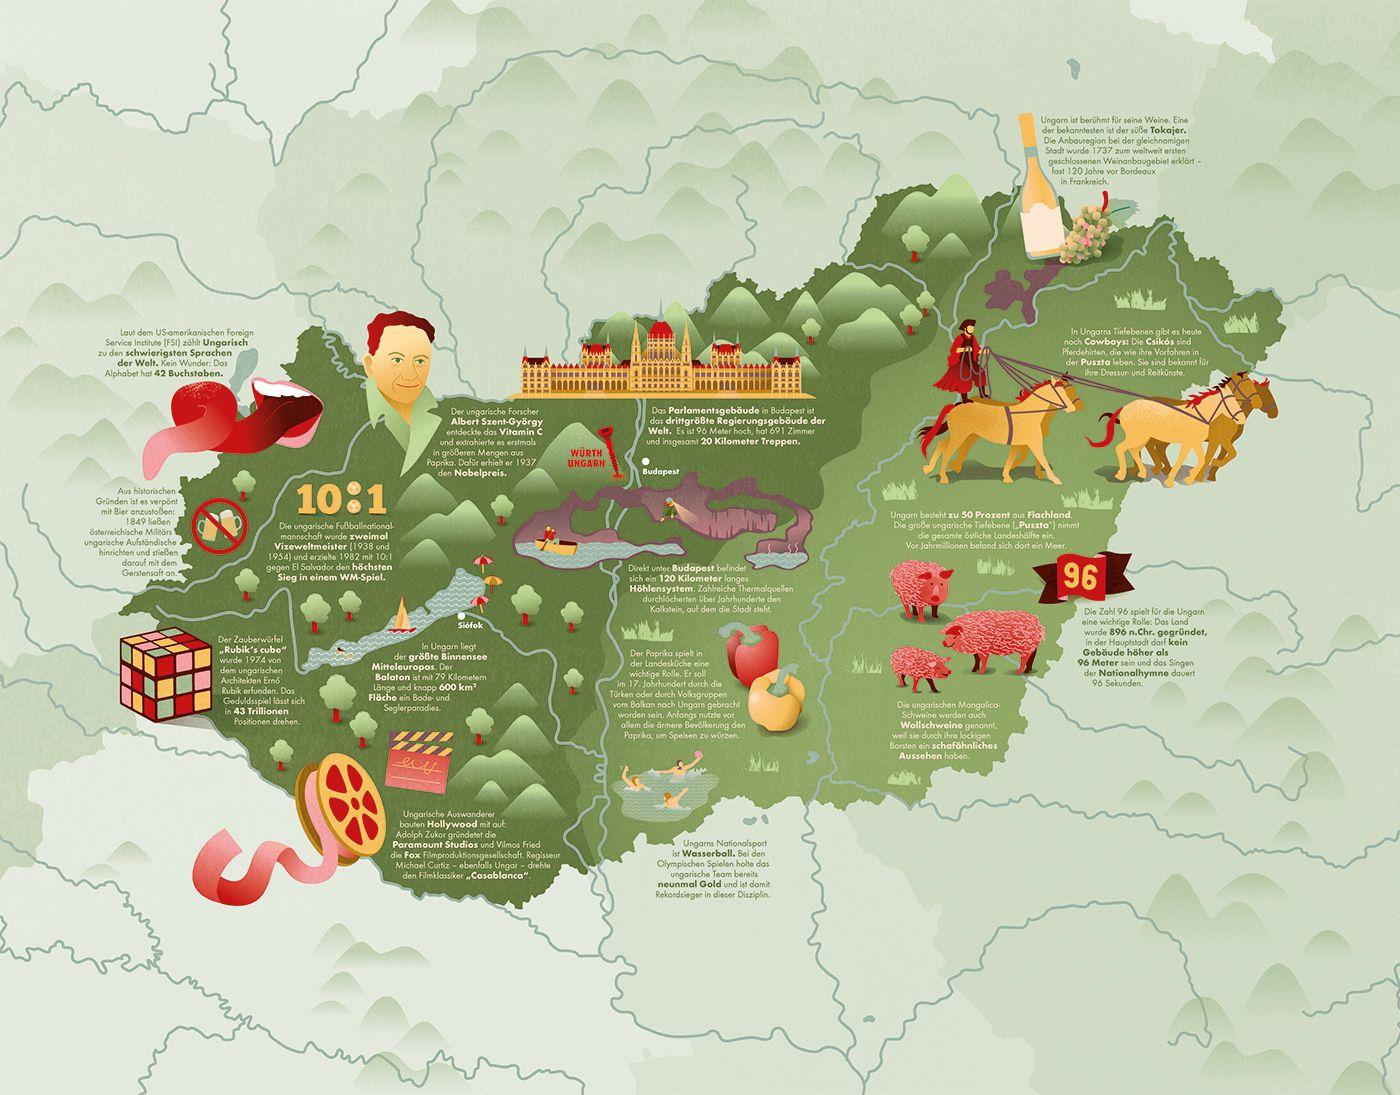 Illustrated Map Of Hungary With Fun Facts Illustrierte Karte Von Ungarn Mit Fakten Und Sehenswurdigkeiten Fu Illustrierte Karten Editorial Illustration Karten